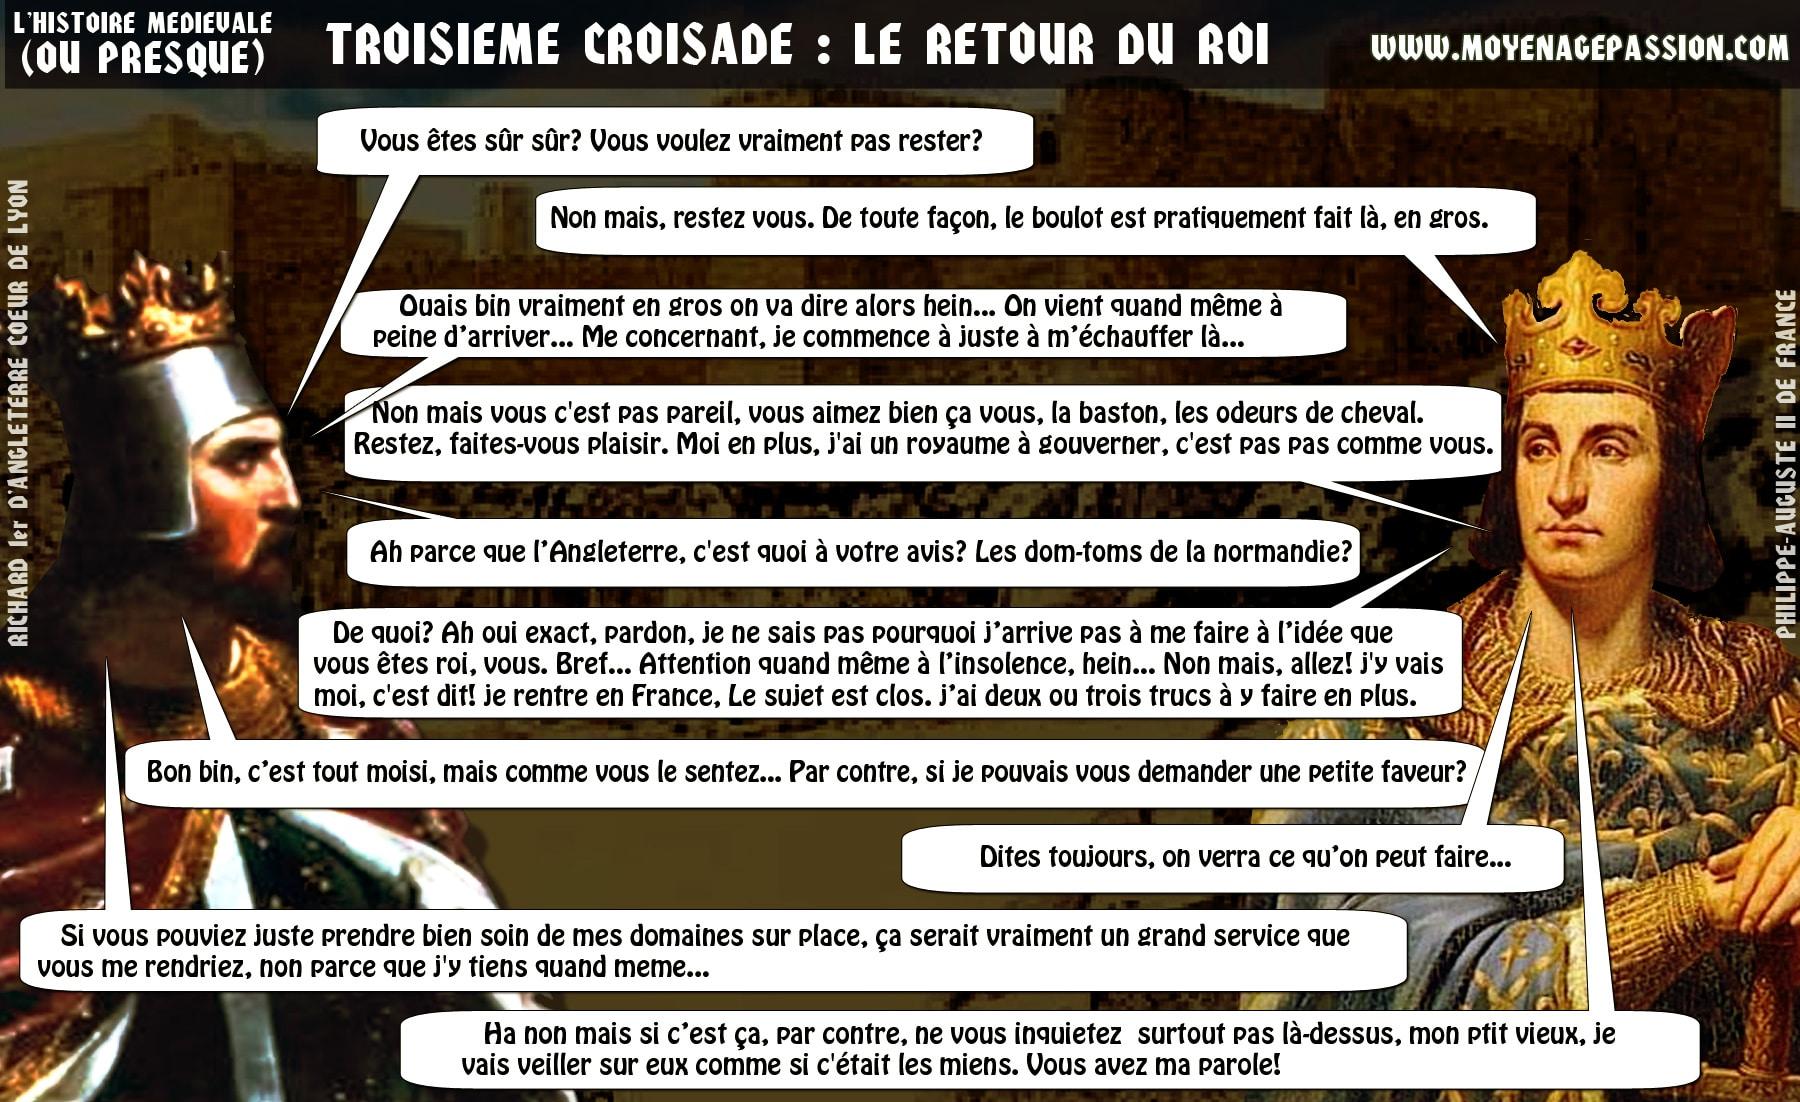 troisieme_croisade_le_retour_du_roi_philippe-aguste_richard-coeur-de-lyon_histoire_medievale